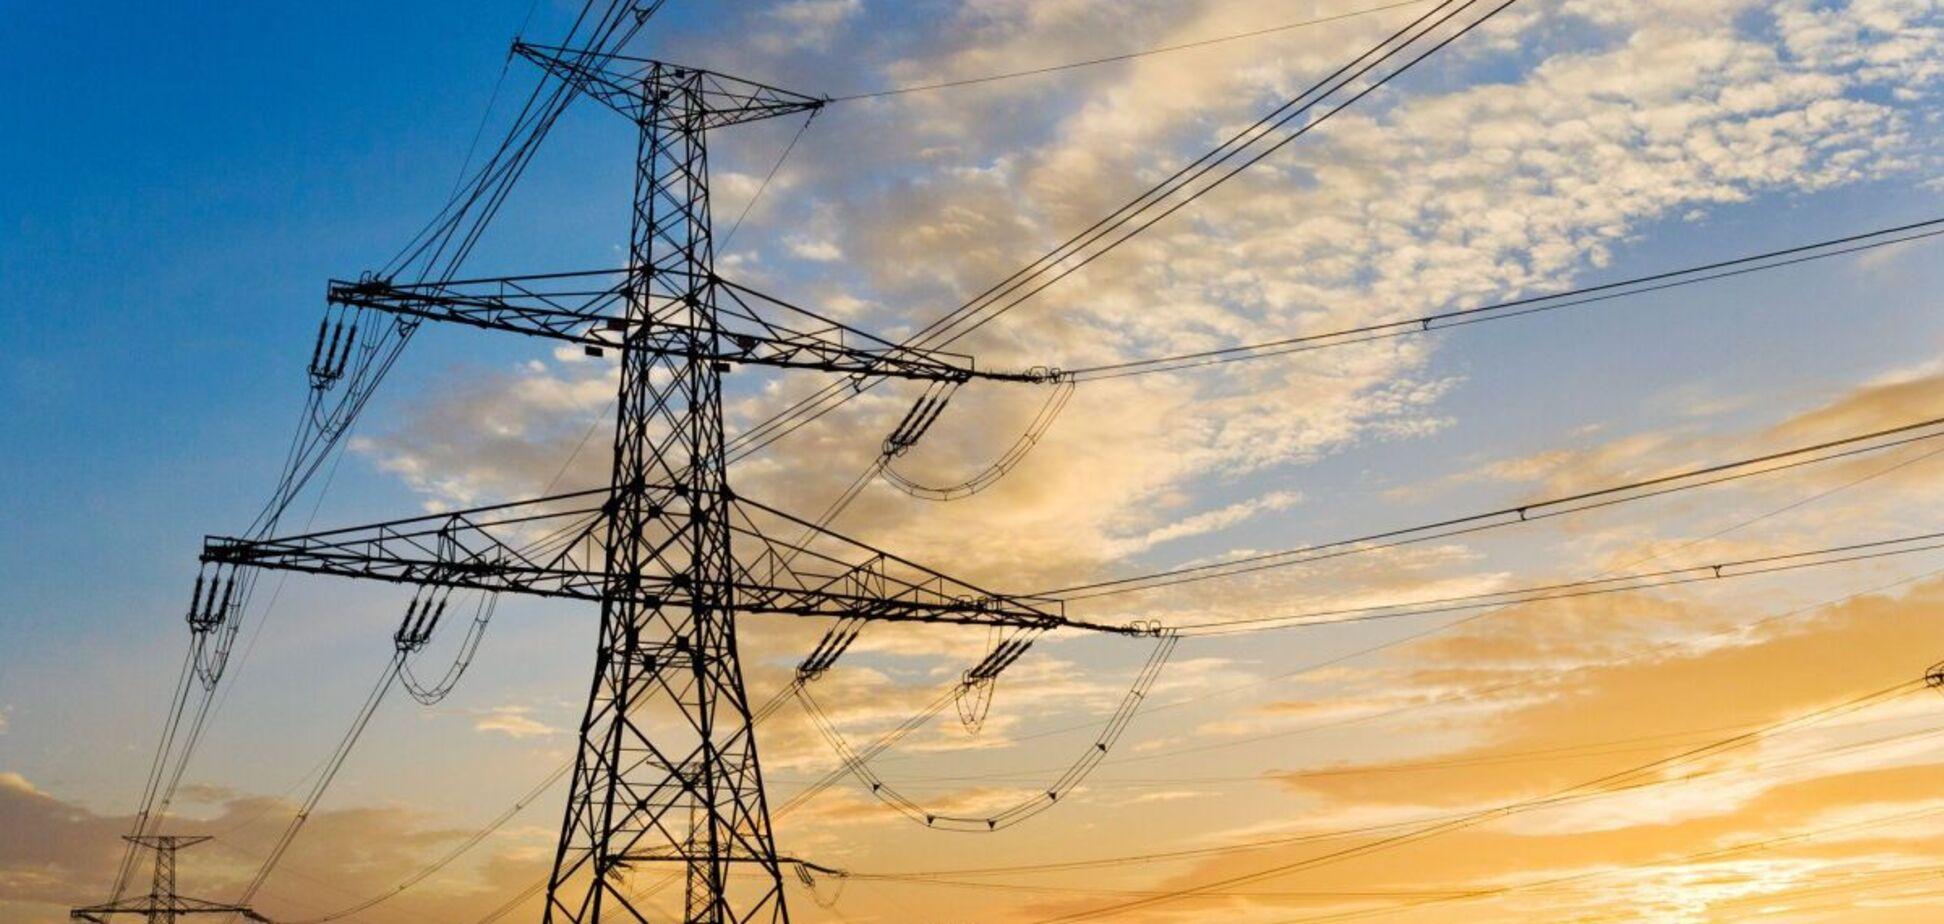 НКРЭКУ может ограничить конкуренцию при экспорте электроэнергии – ФРТЭК